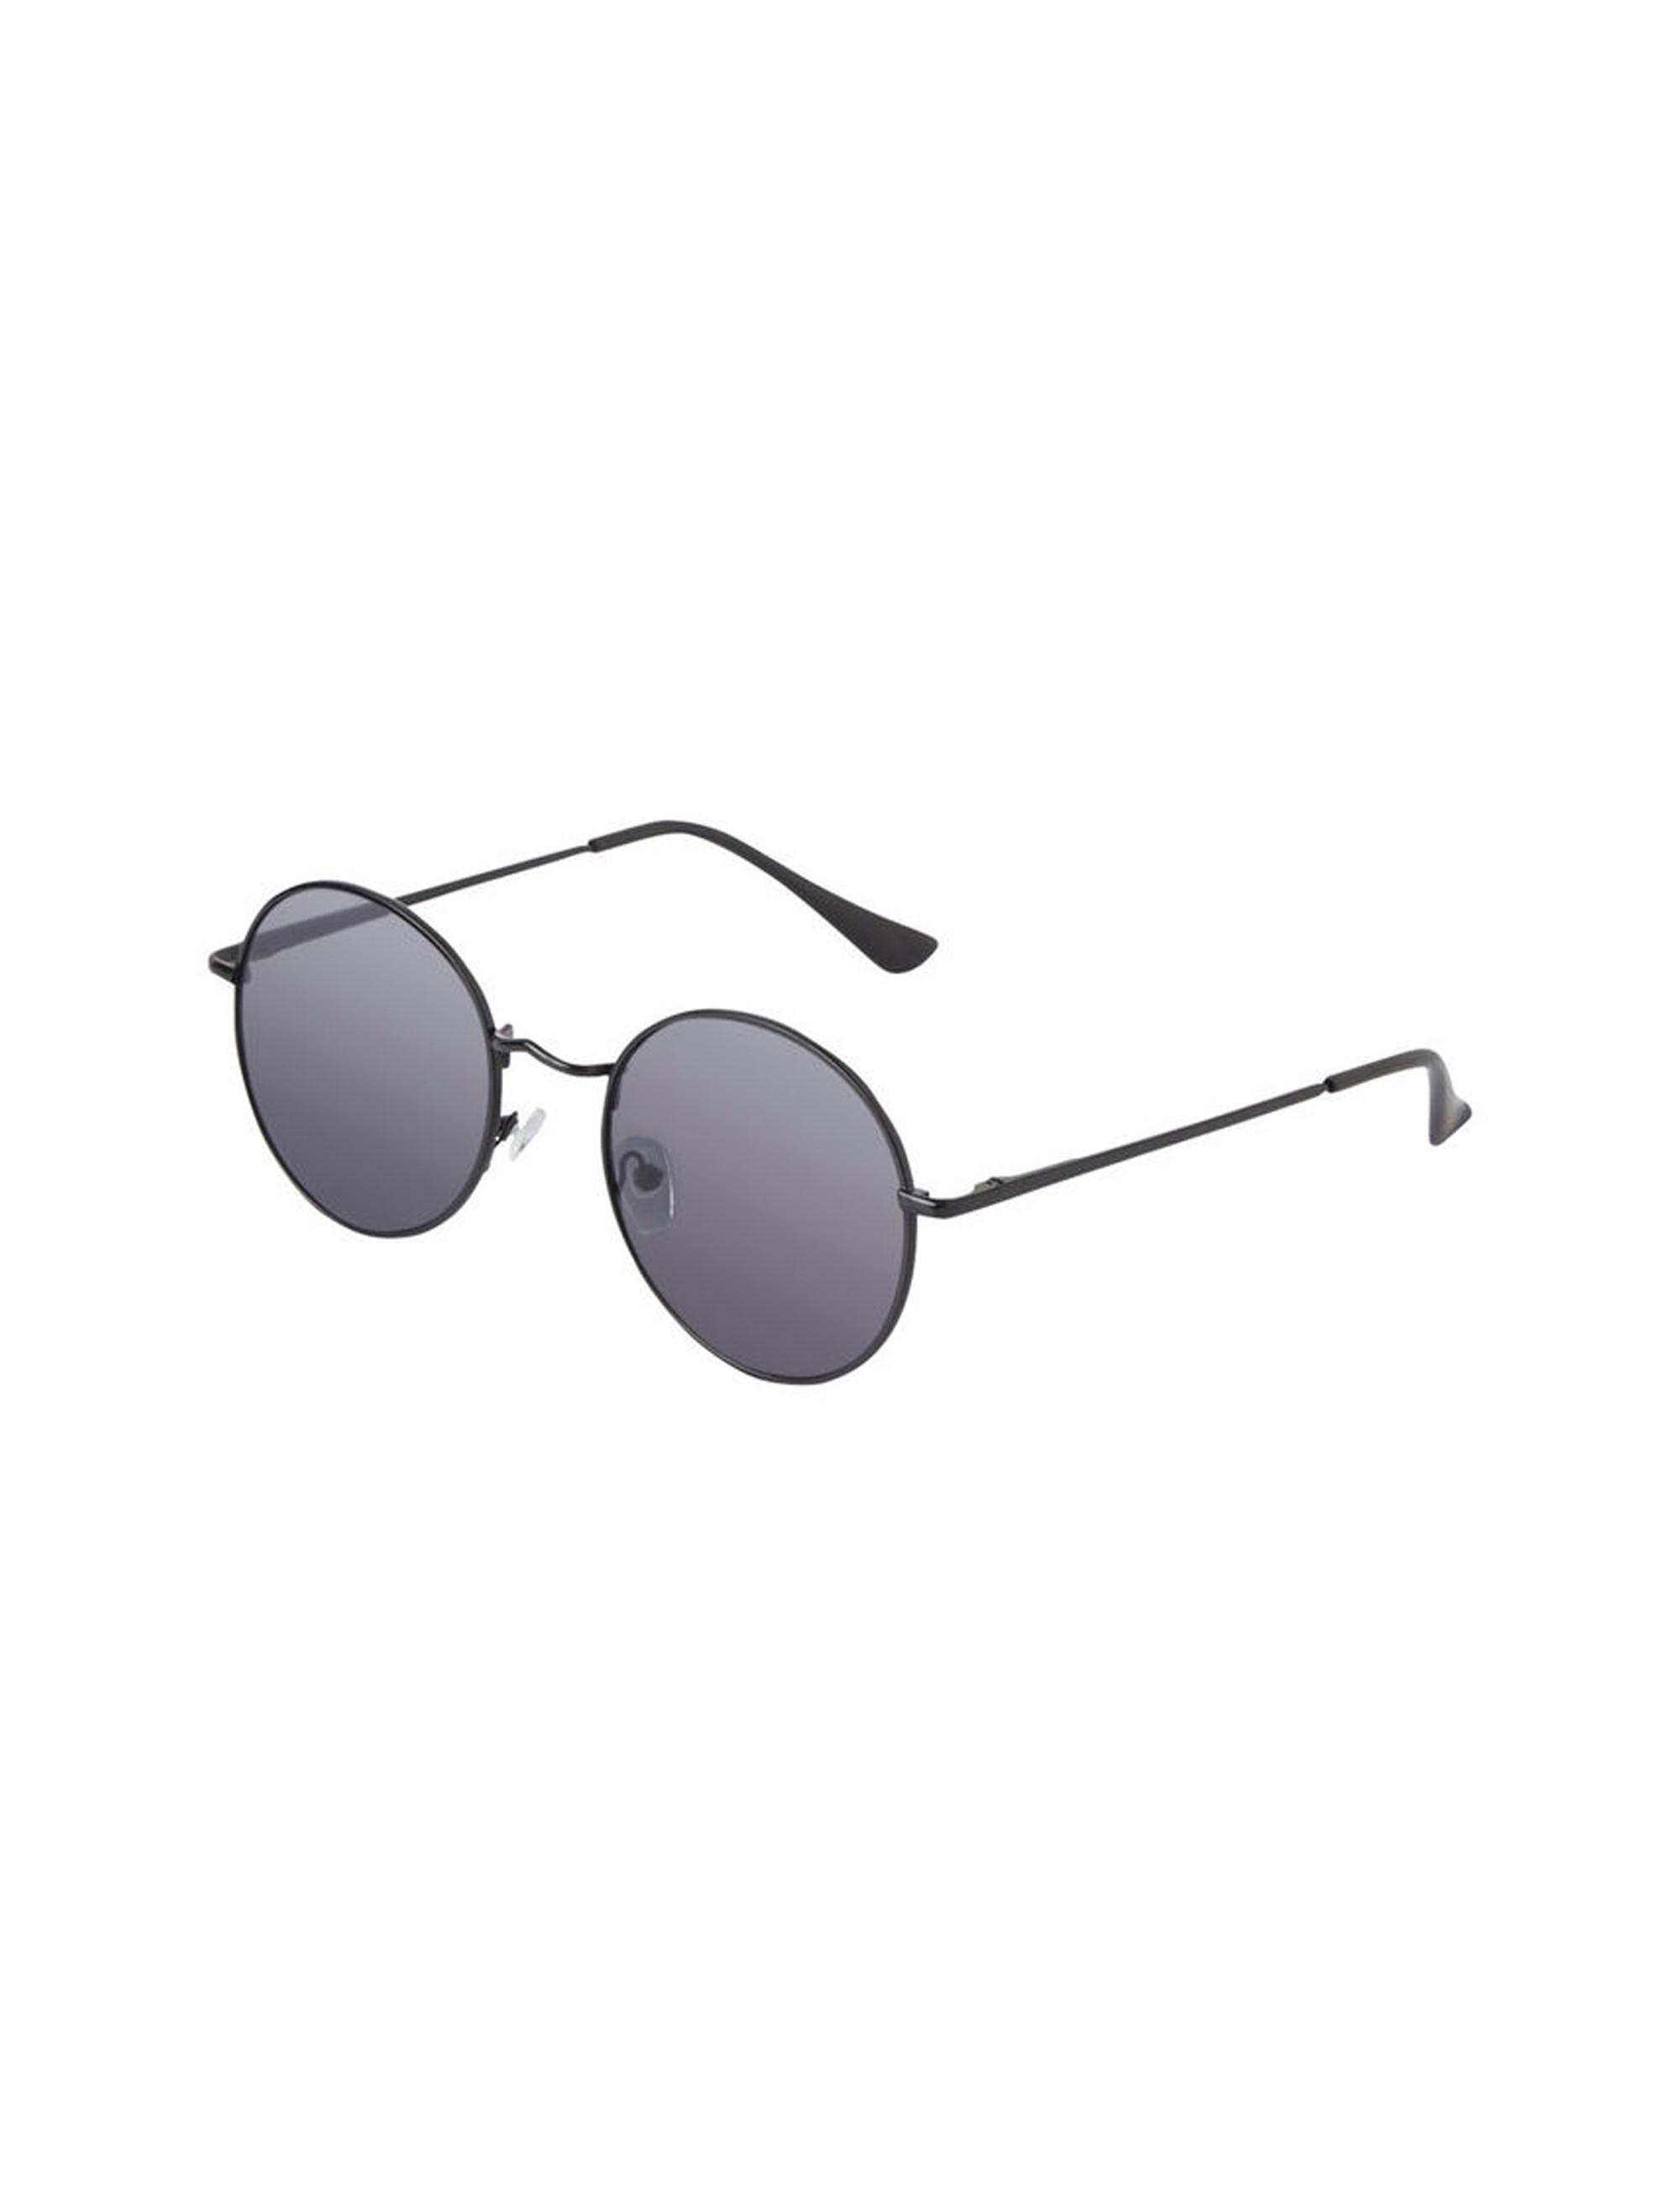 قیمت عینک آفتابی گرد زنانه - آبجکت